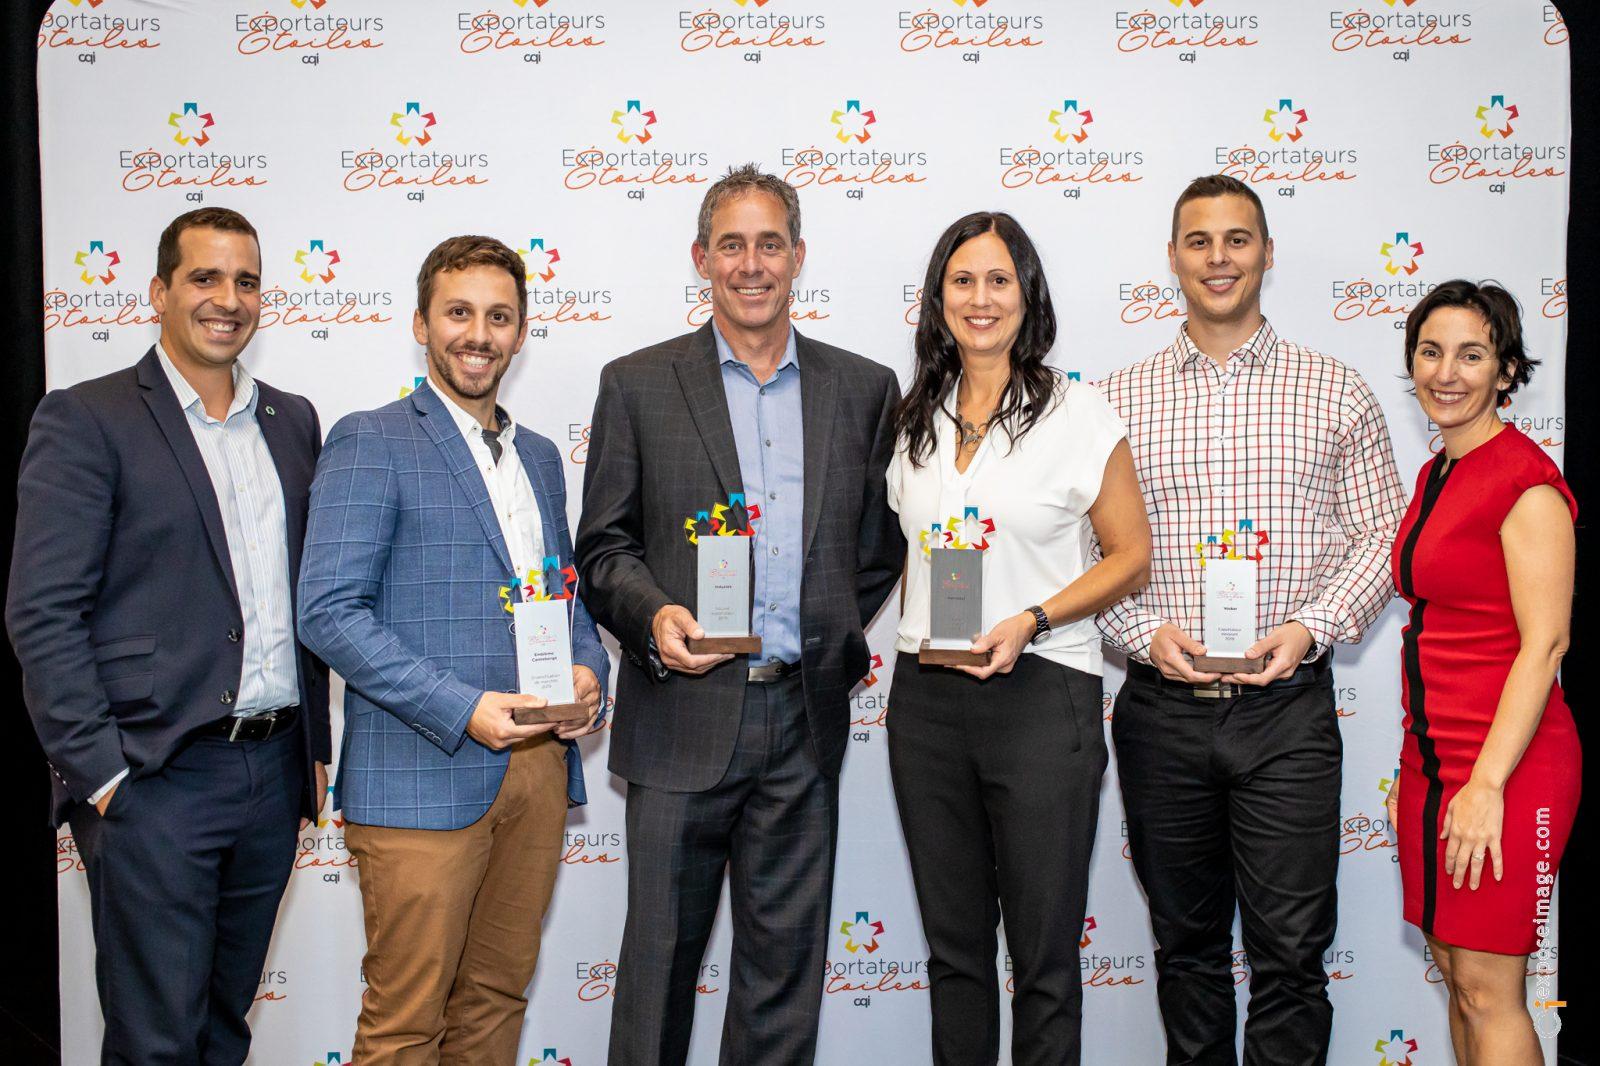 Quatre lauréats centricois honorés aux Exportateurs Étoiles